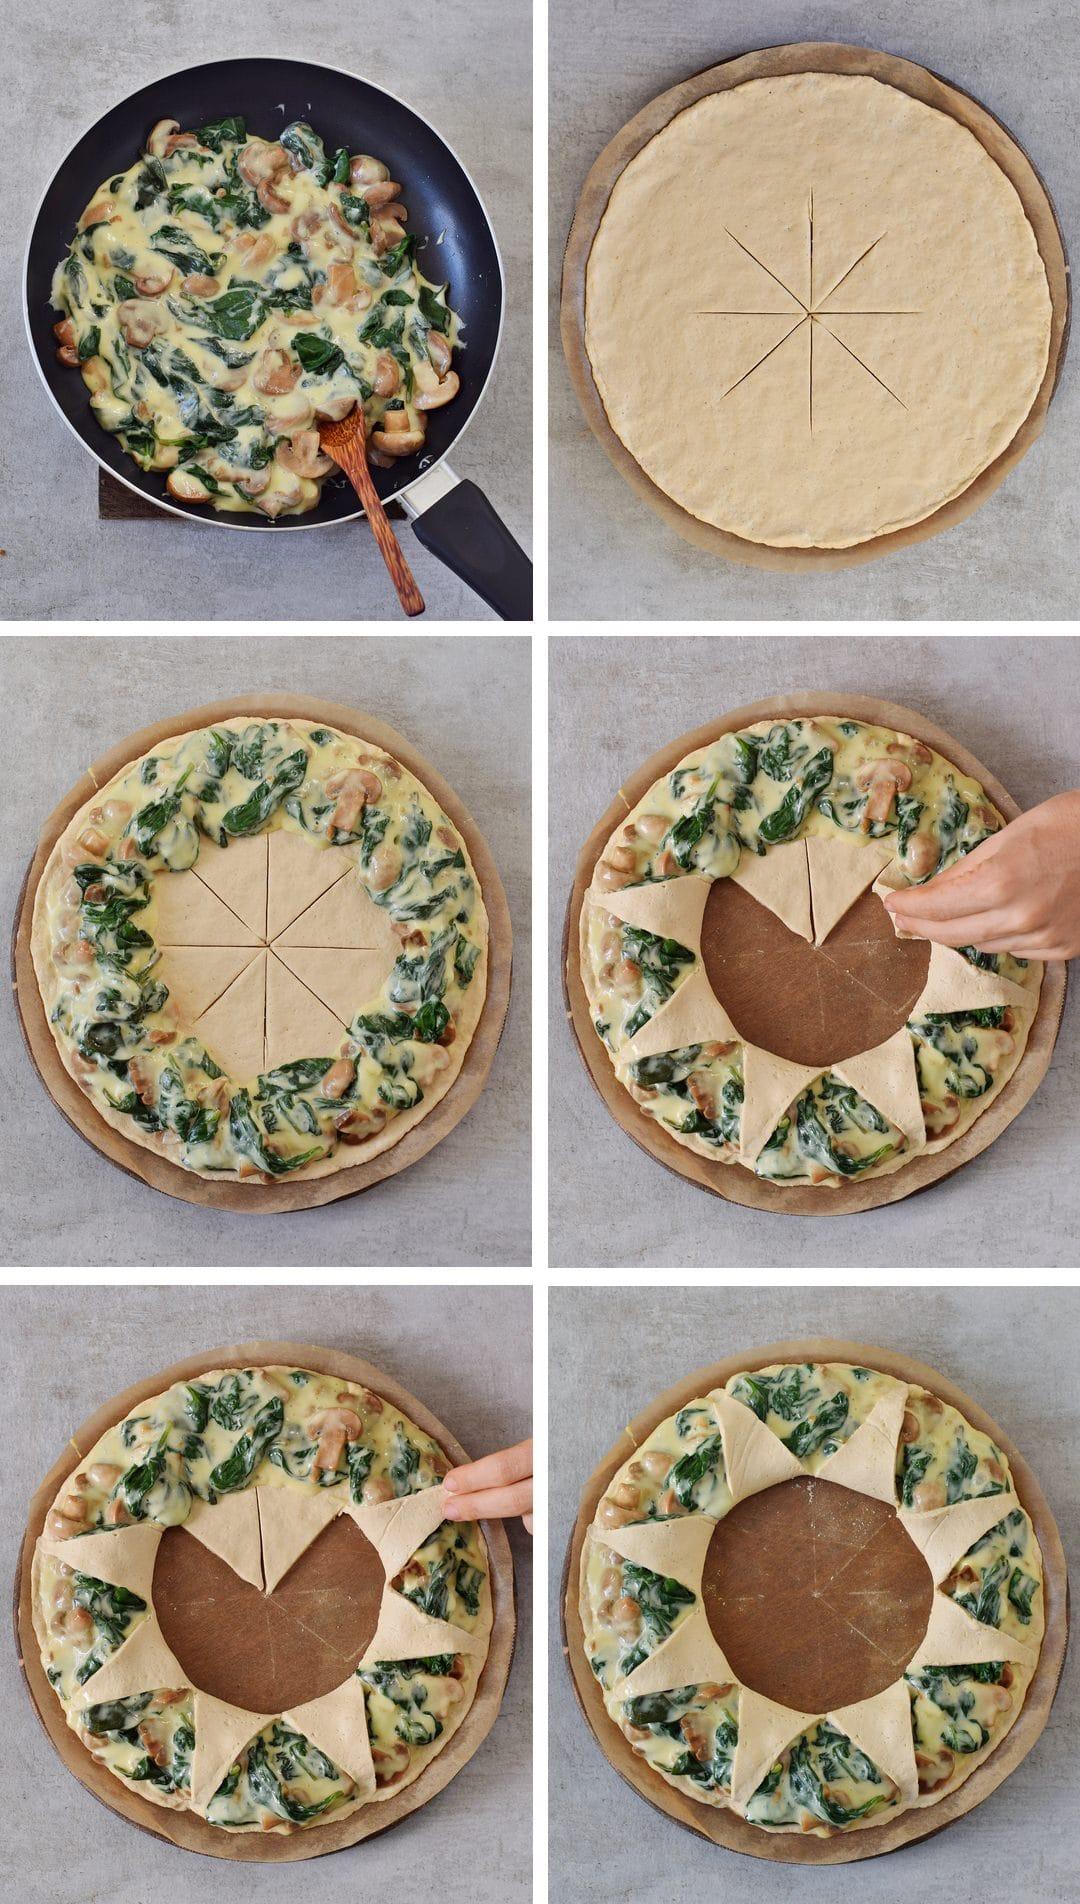 Herstellung Pizzakranz mit Spinat Pilzen und veganem Käse